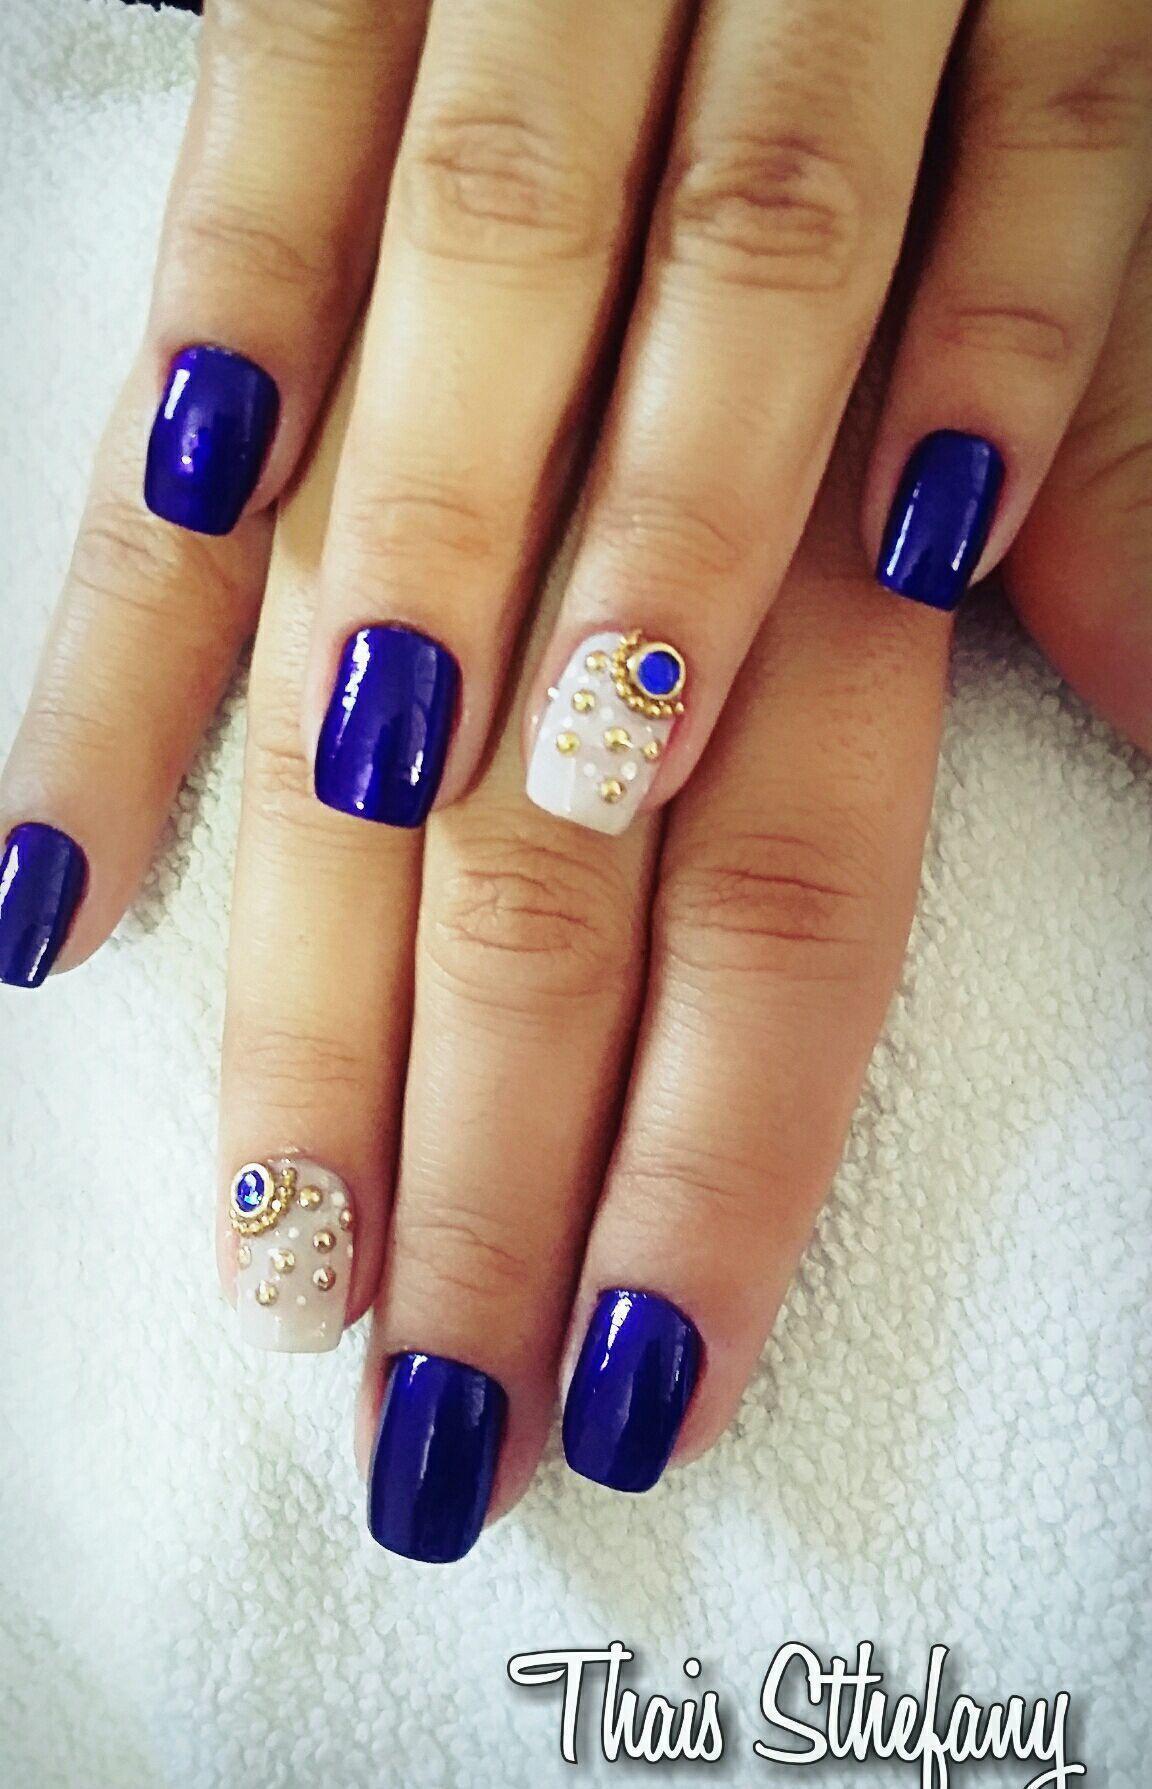 Olho Turco + Jóias. unha manicure e pedicure